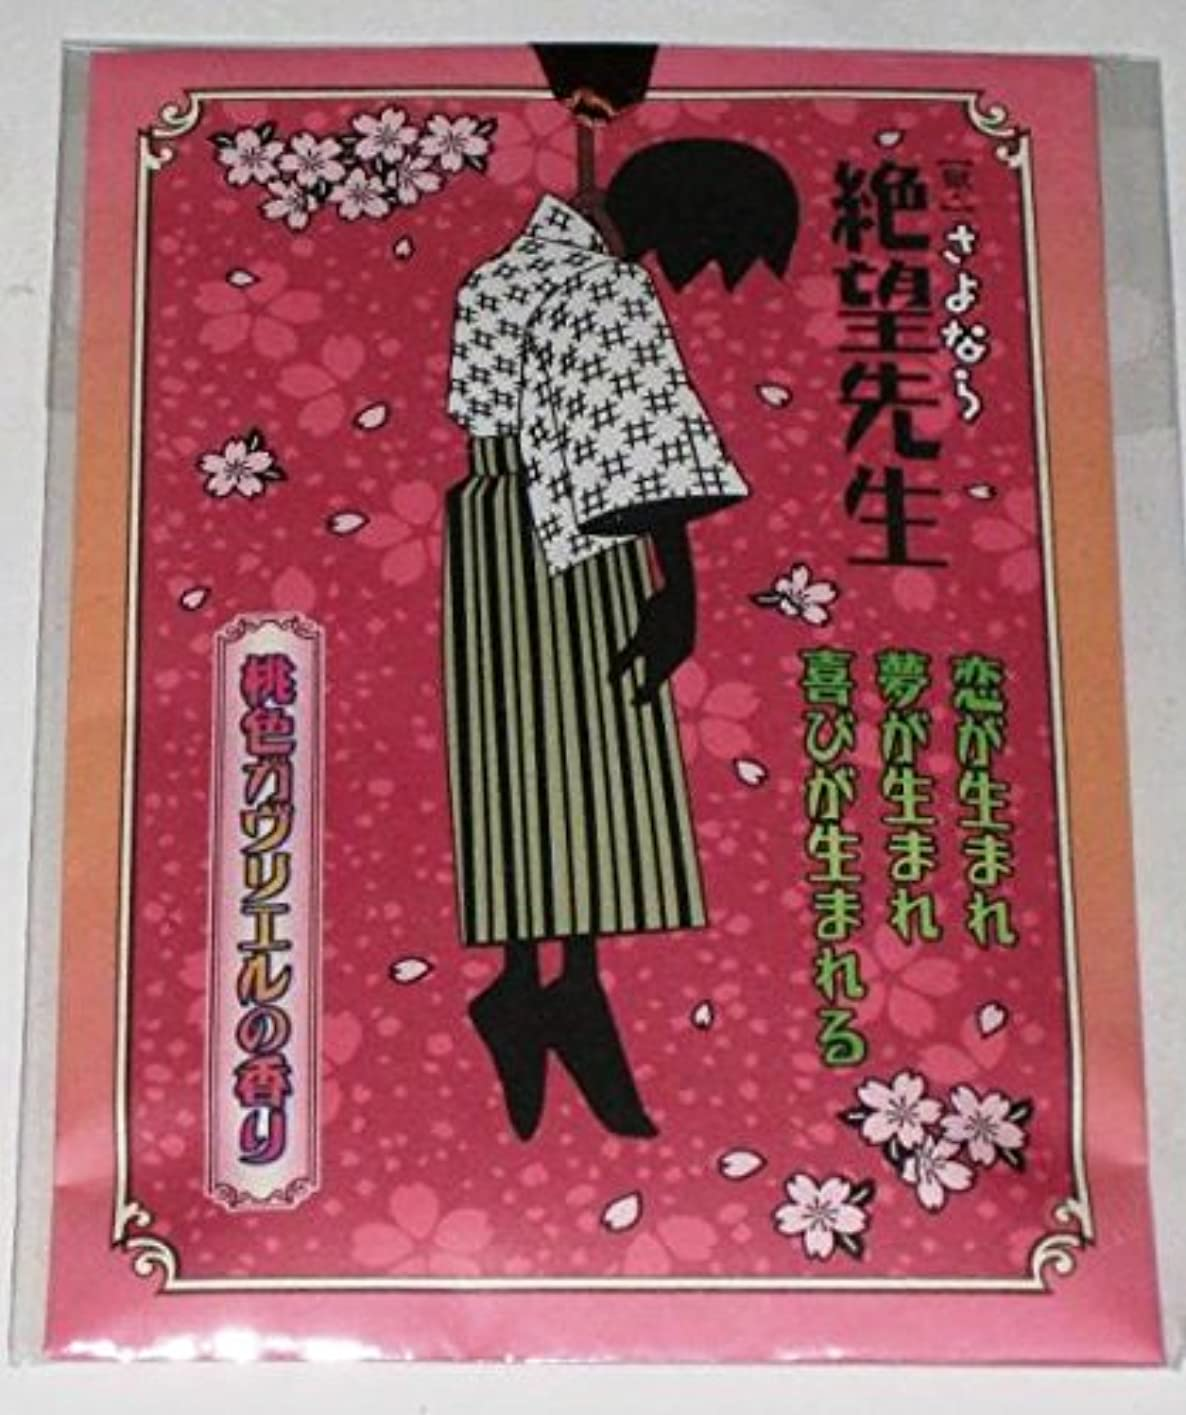 ピストル勉強するラジカル久米田康治「獄?さよなら絶望先生」香り袋/桃色ガヴリエルの香